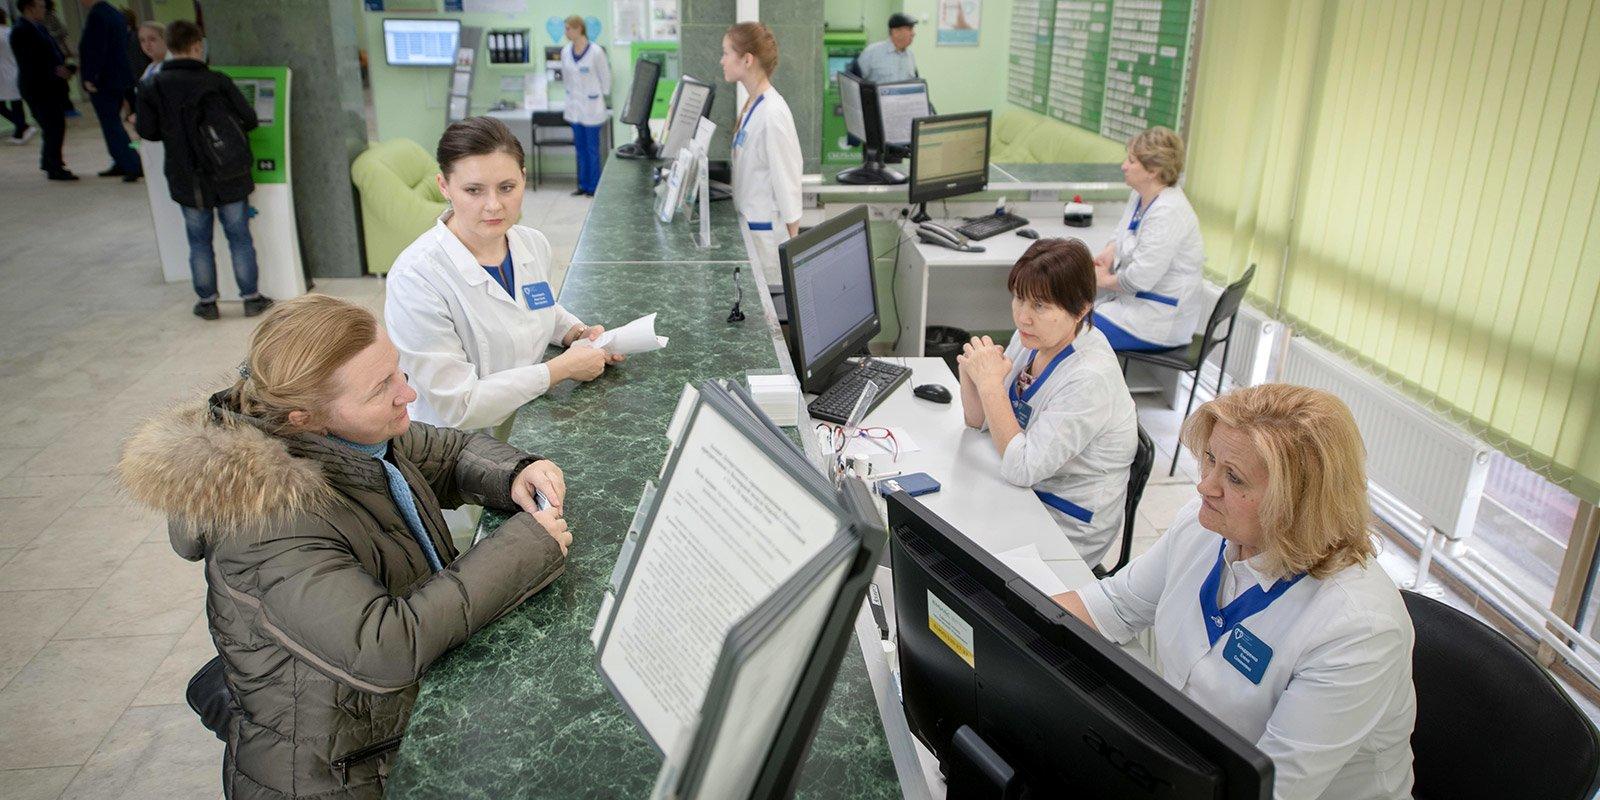 Фото: Пресс-служба Мэра и Правительства Москвы. Евгений Самарин